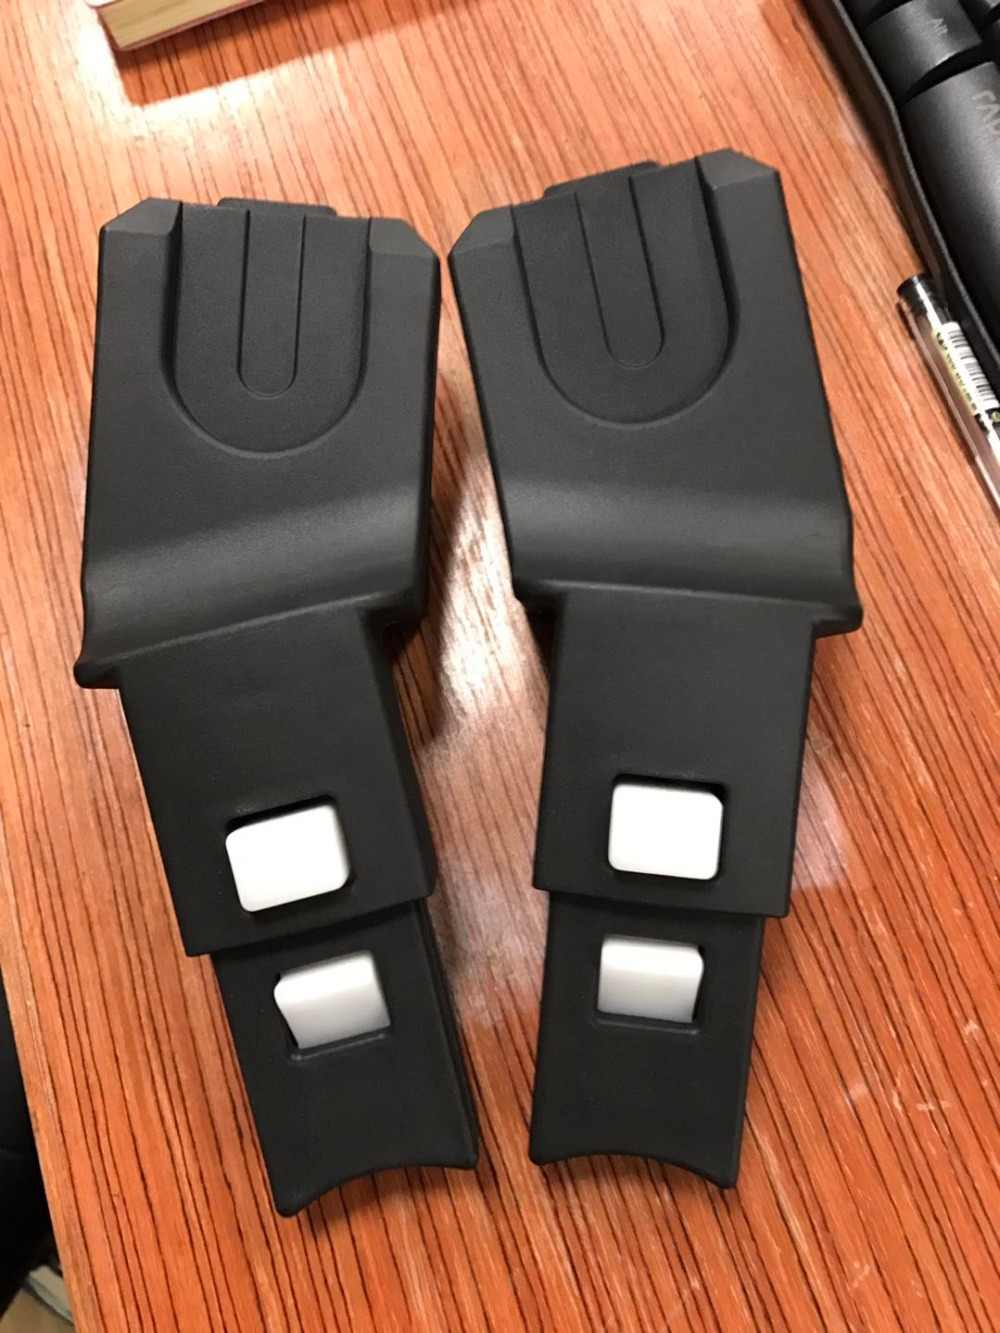 Năm 2020 Ban Đầu Nóng Mẹ Ghế Ngồi Ô Tô Protable Sơ Sinh Giỏ An Toàn F22 F023 Adapter Xe Đẩy Xe Đẩy Phụ Kiện